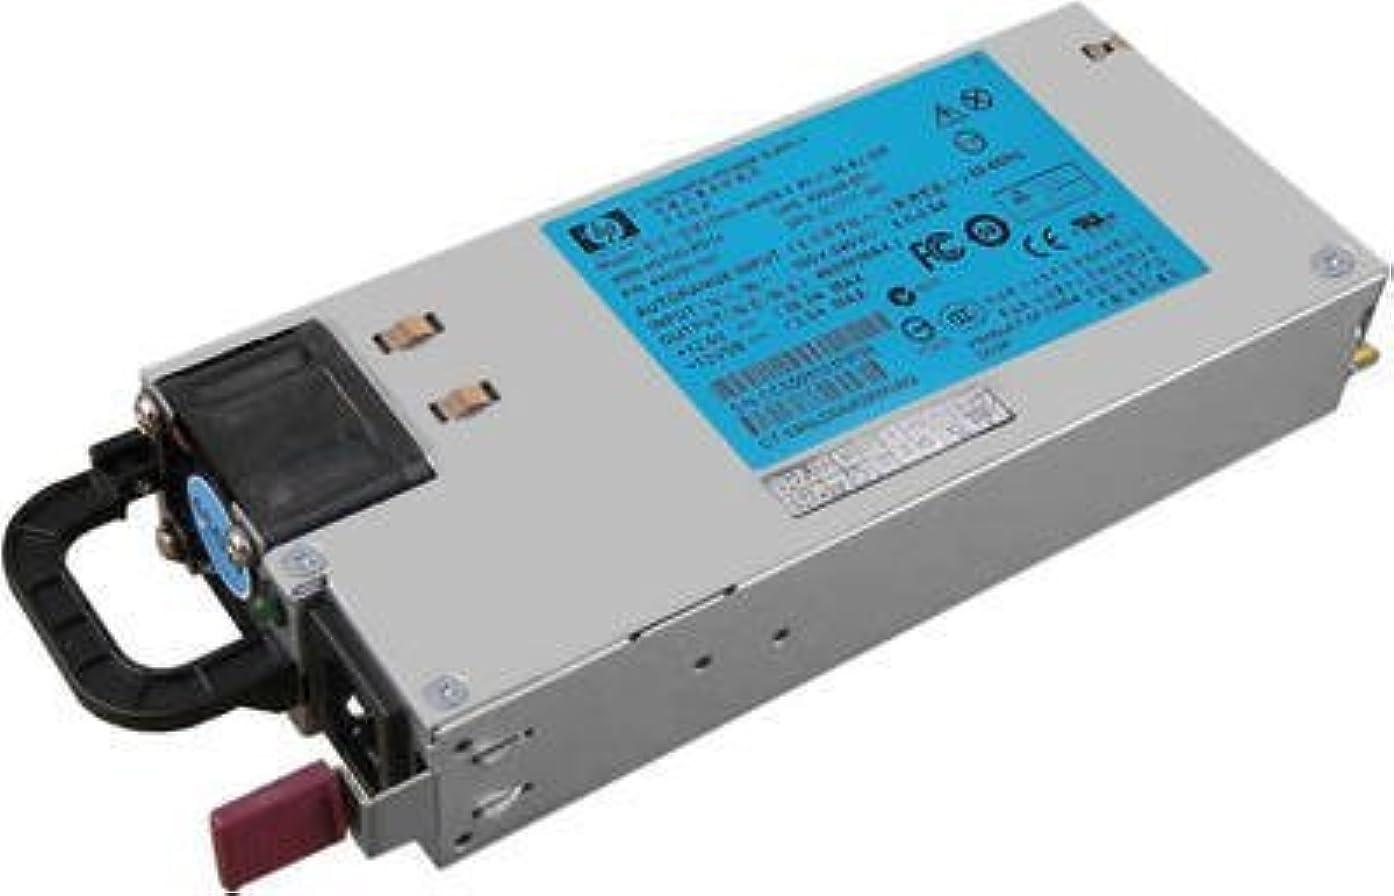 ベイビー反乱汚染されたHP 511777-001 503296-B21-RFB DL385 G5p Hot Plug Redundant Power Supply [並行輸入品]